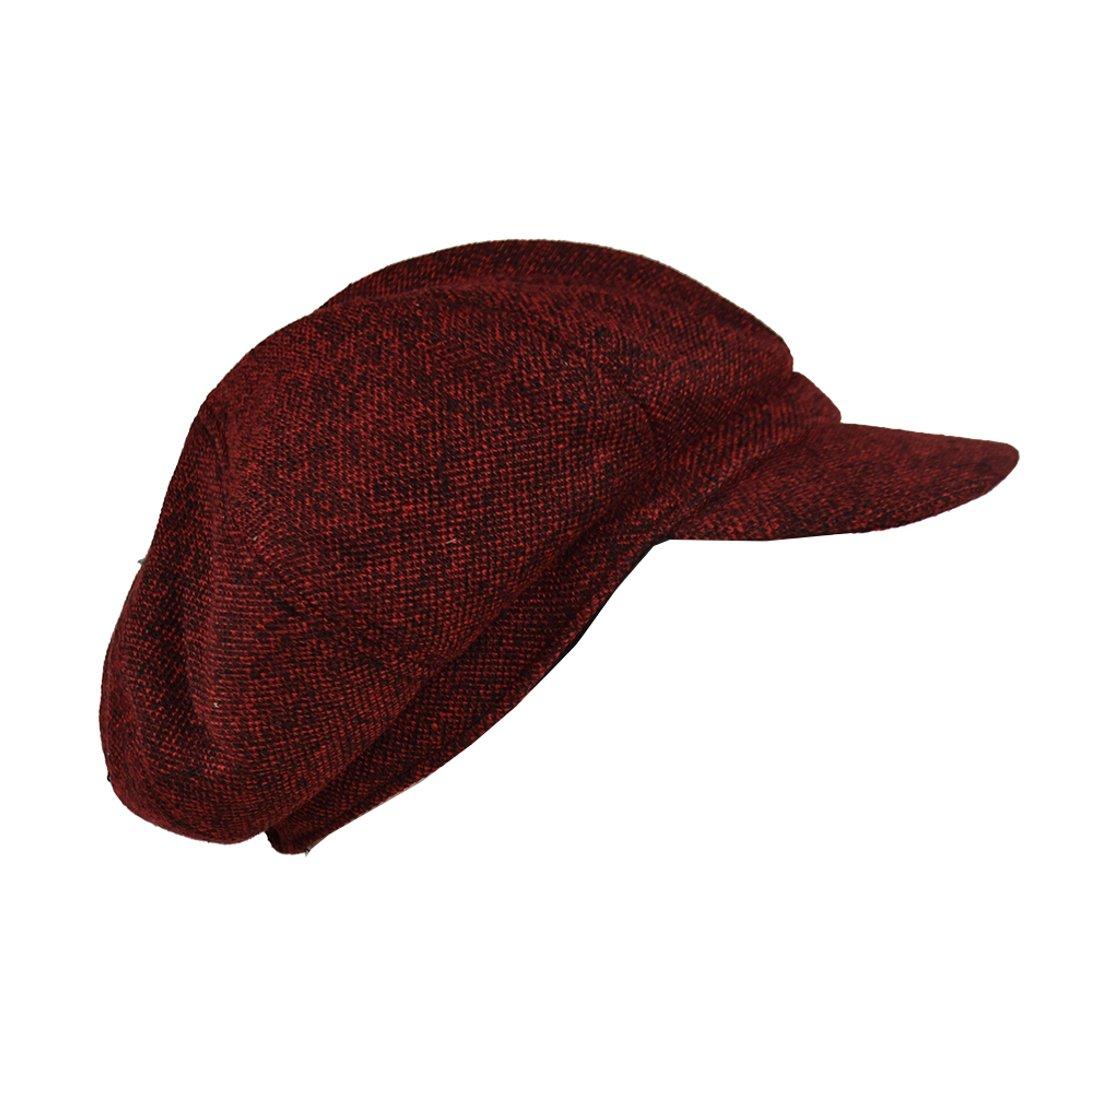 Landana Headscarves Ladies Large Melange Newsboy Cap - Red